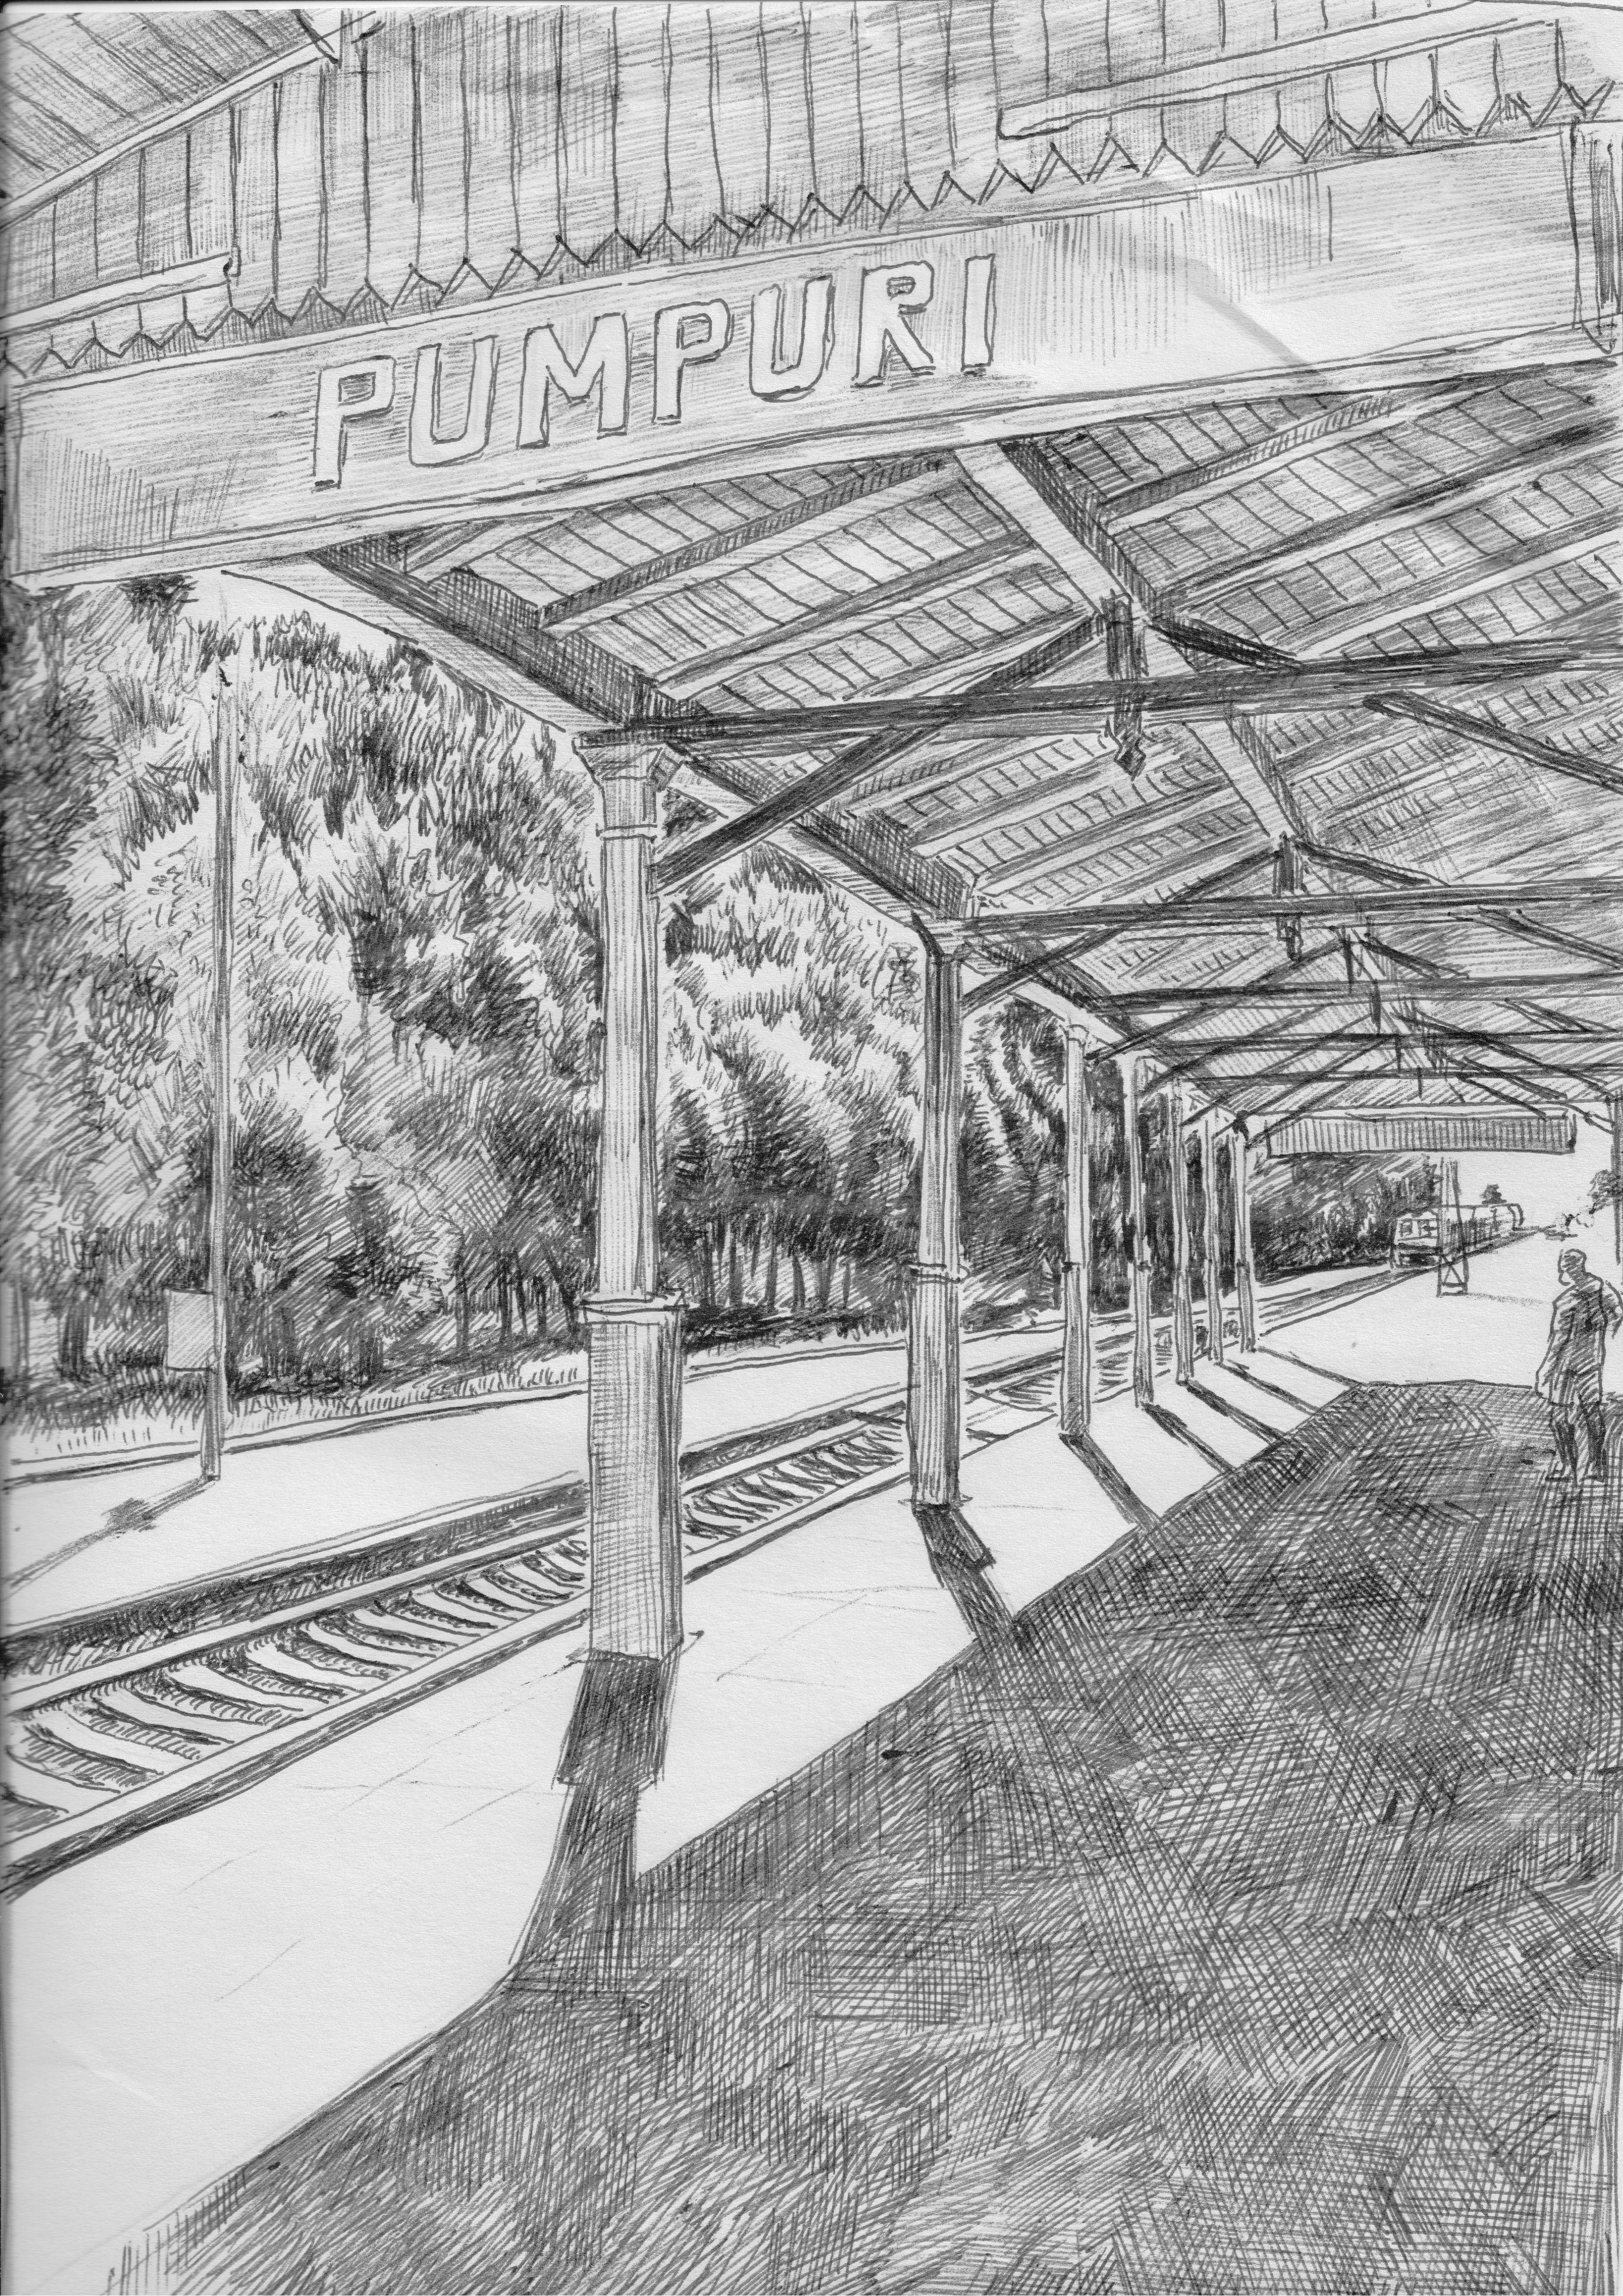 pumpuri-3.jpg